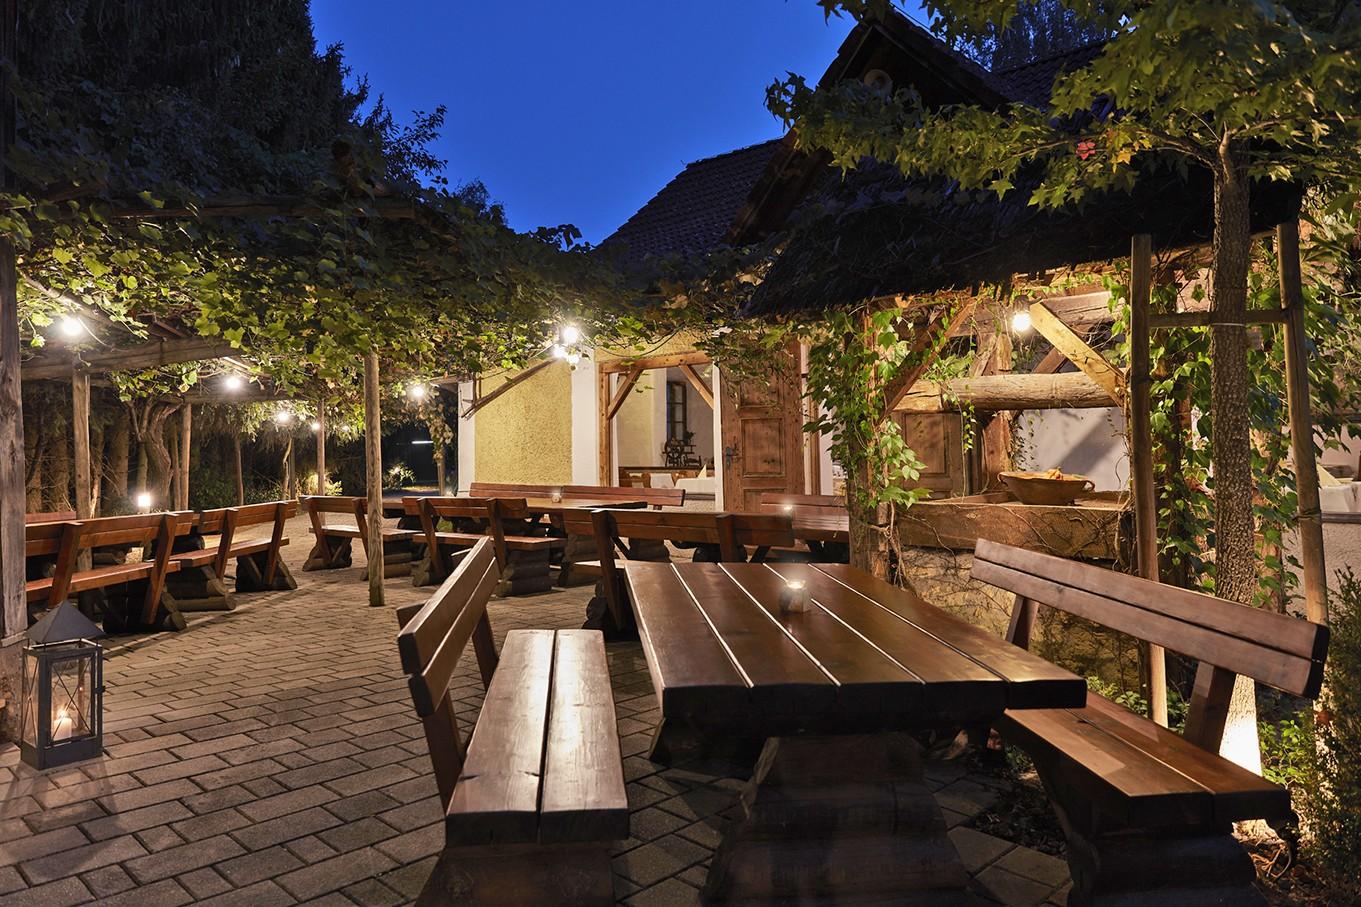 restaurant_brunnenstadl_bad_radkersburg.jpg